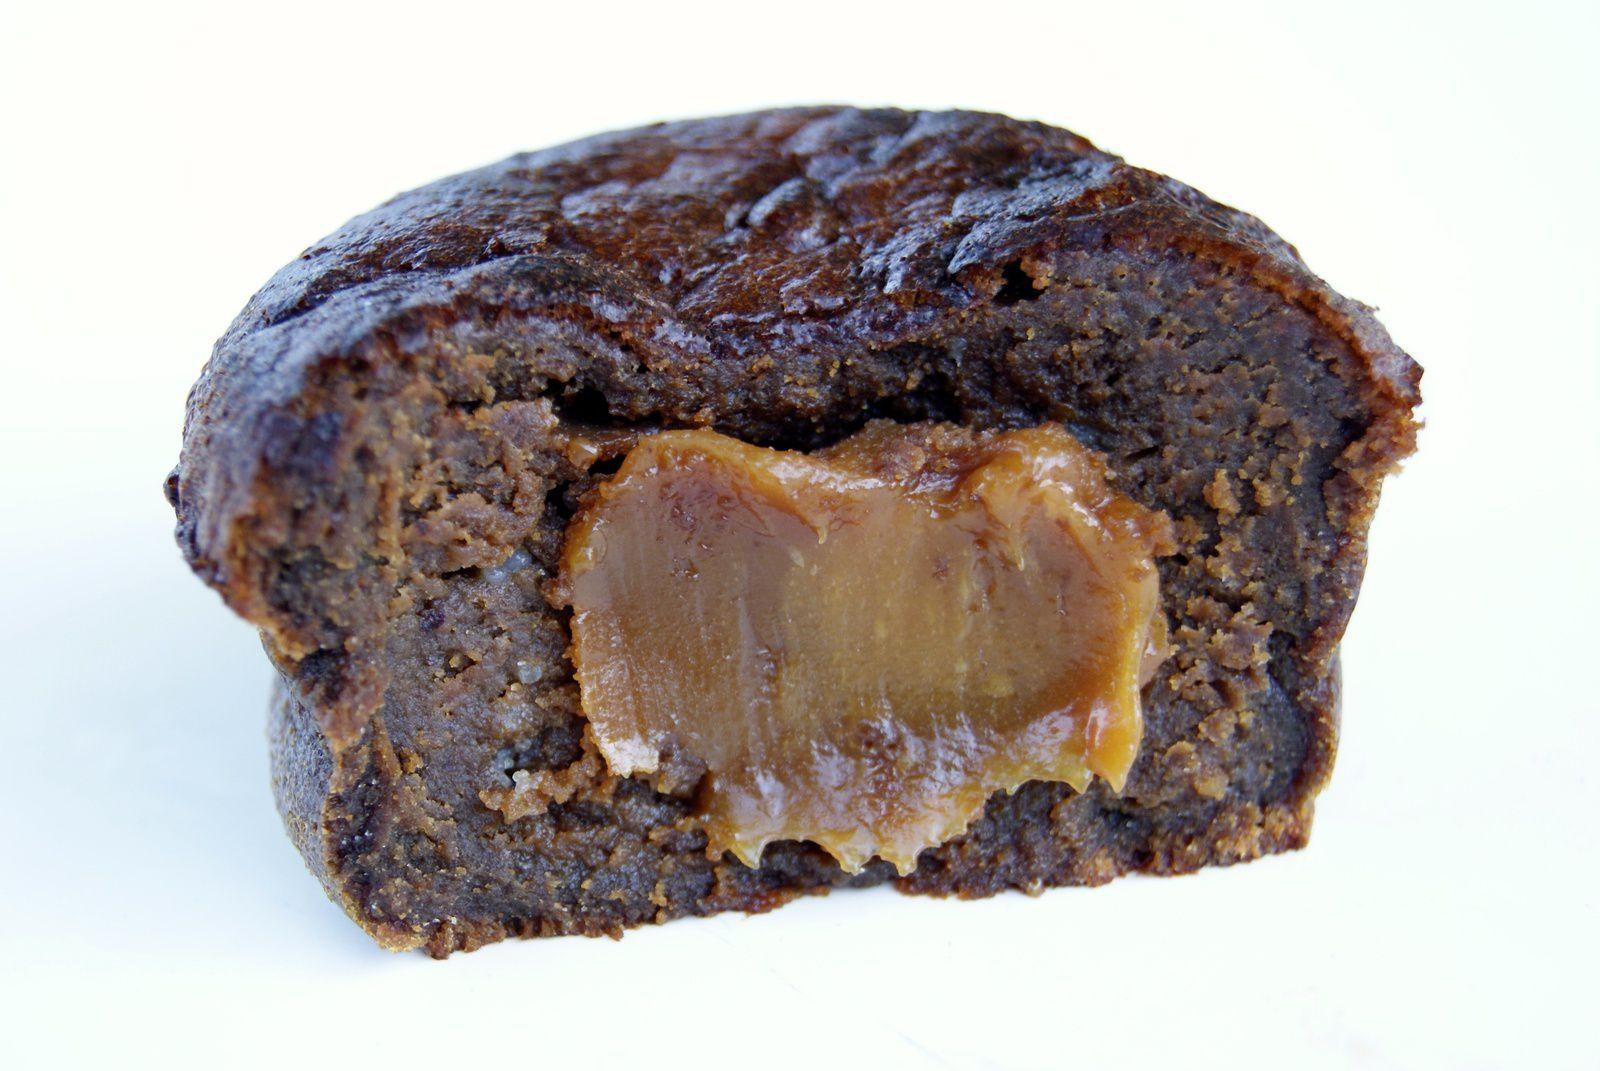 Moelleux au chocolat, coeur de caramel